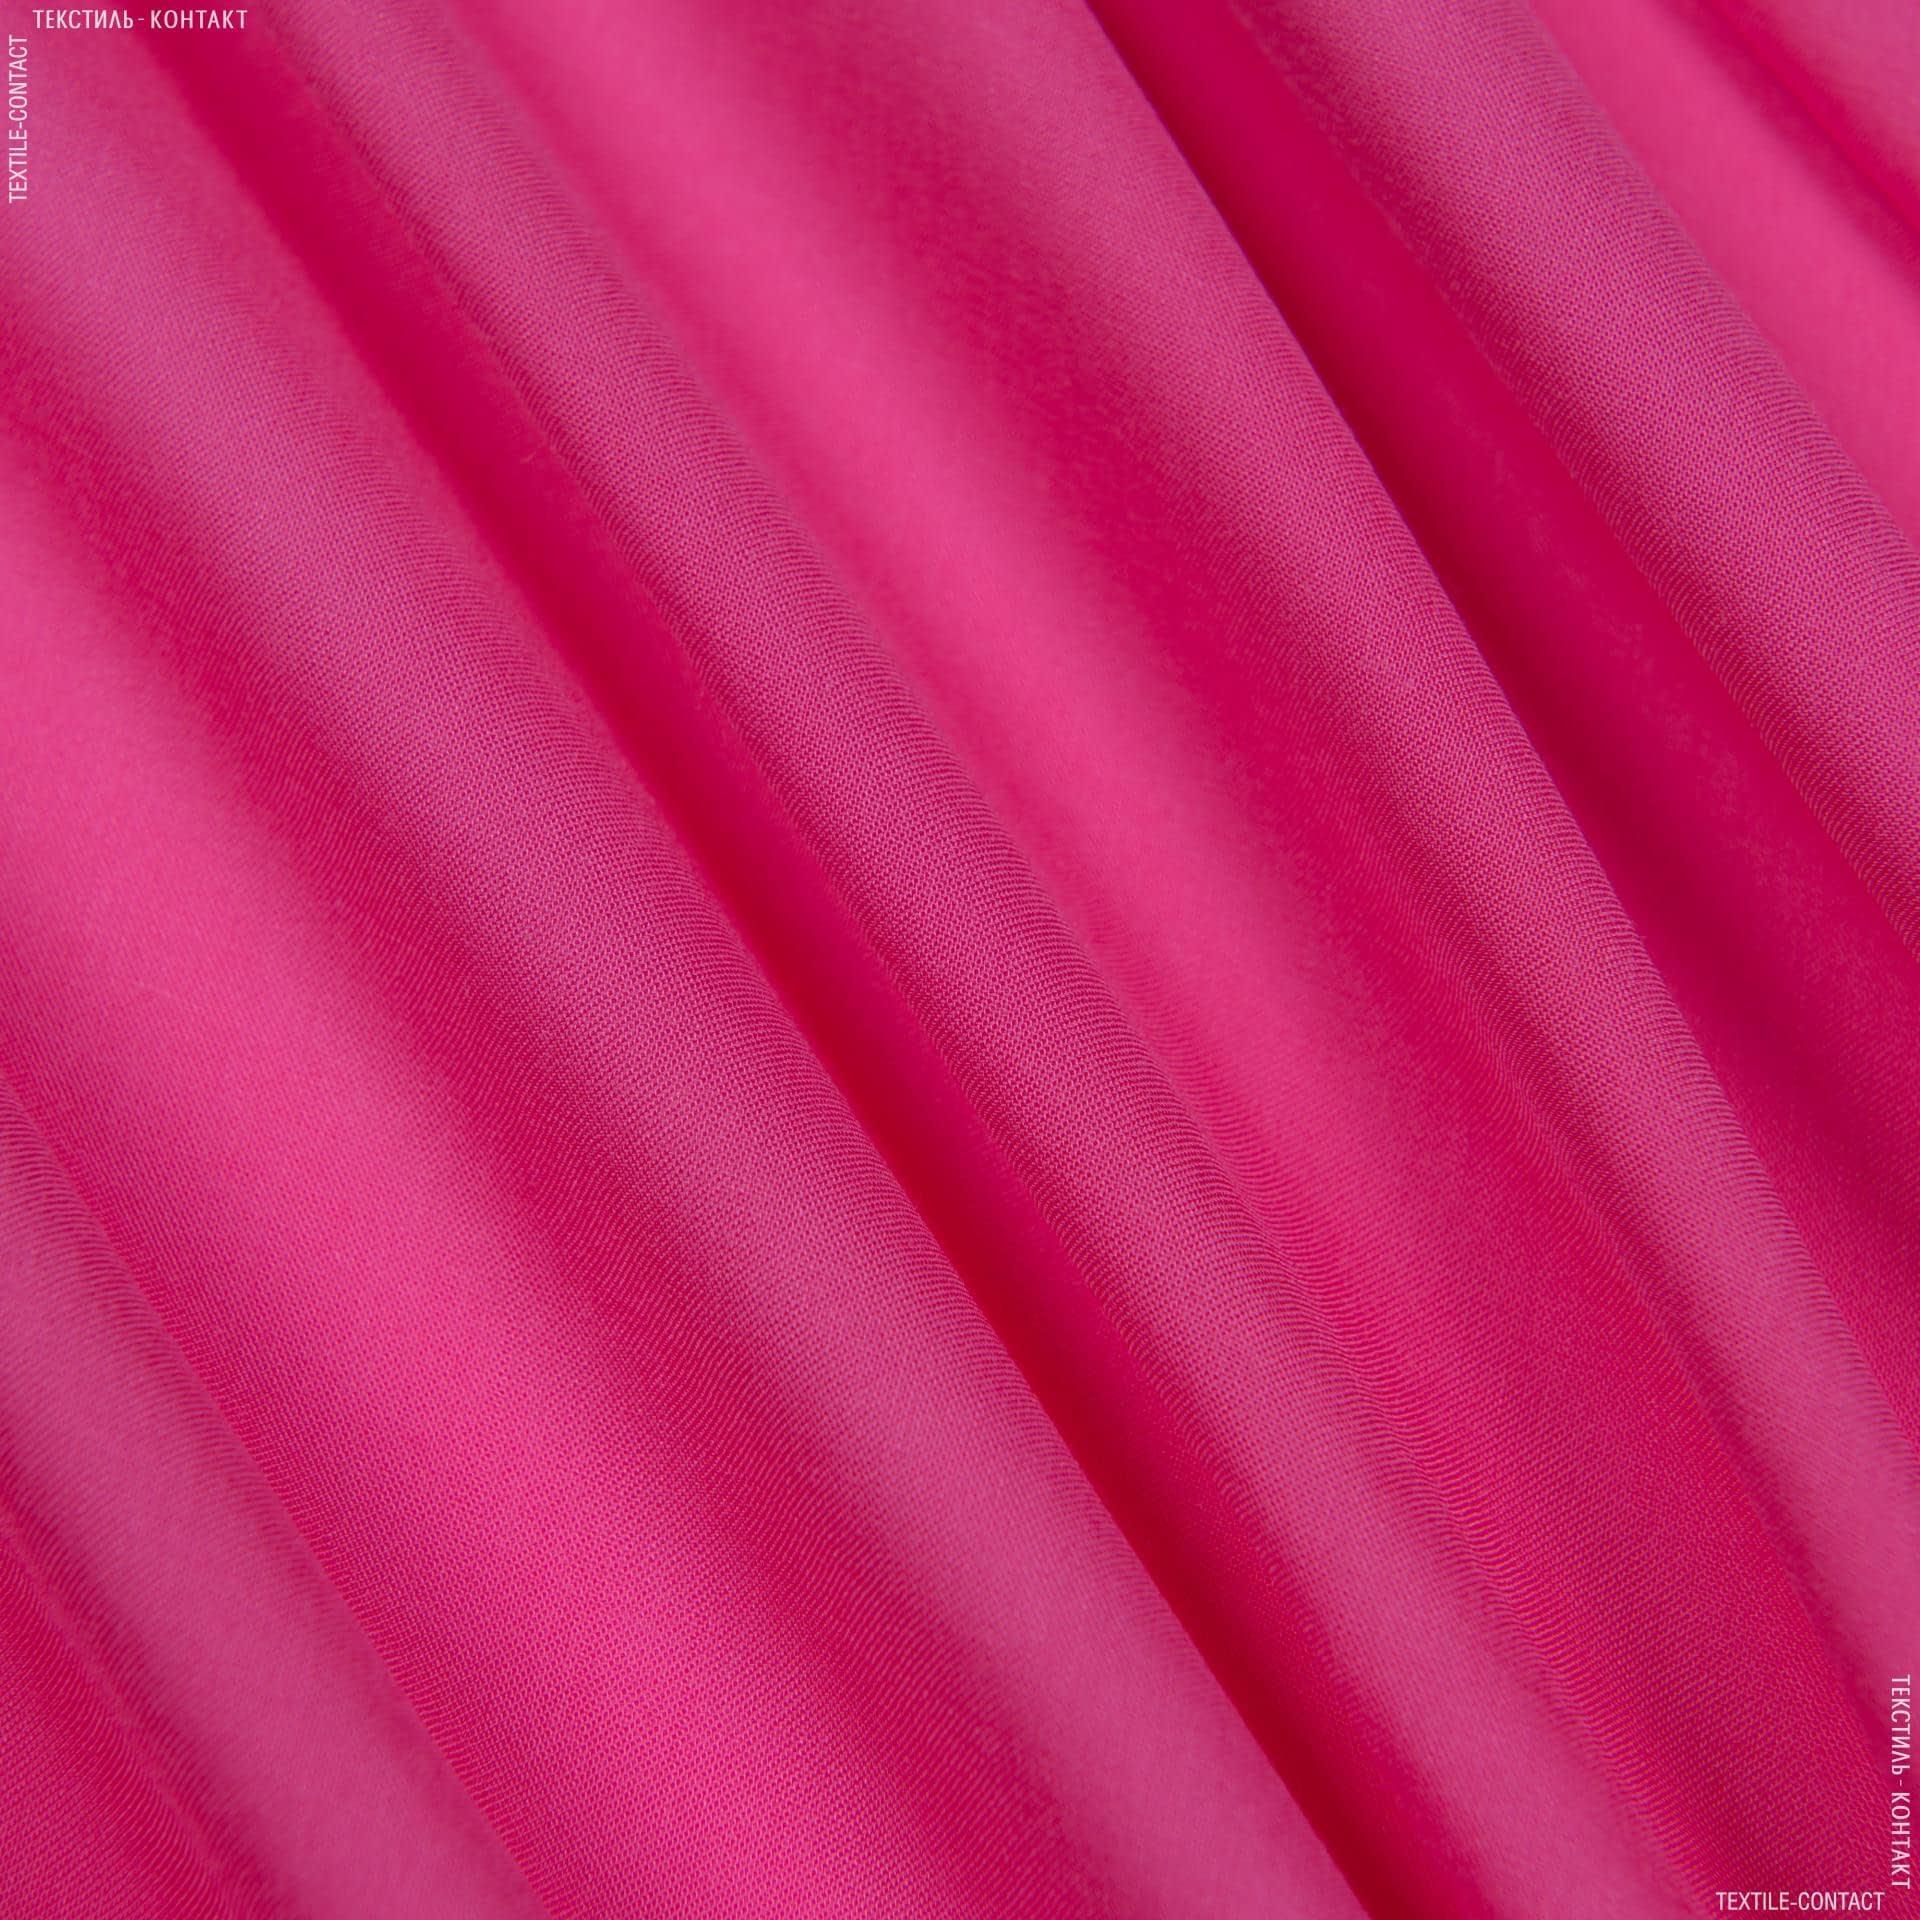 Ткани для платьев - Батист  темно-розовый